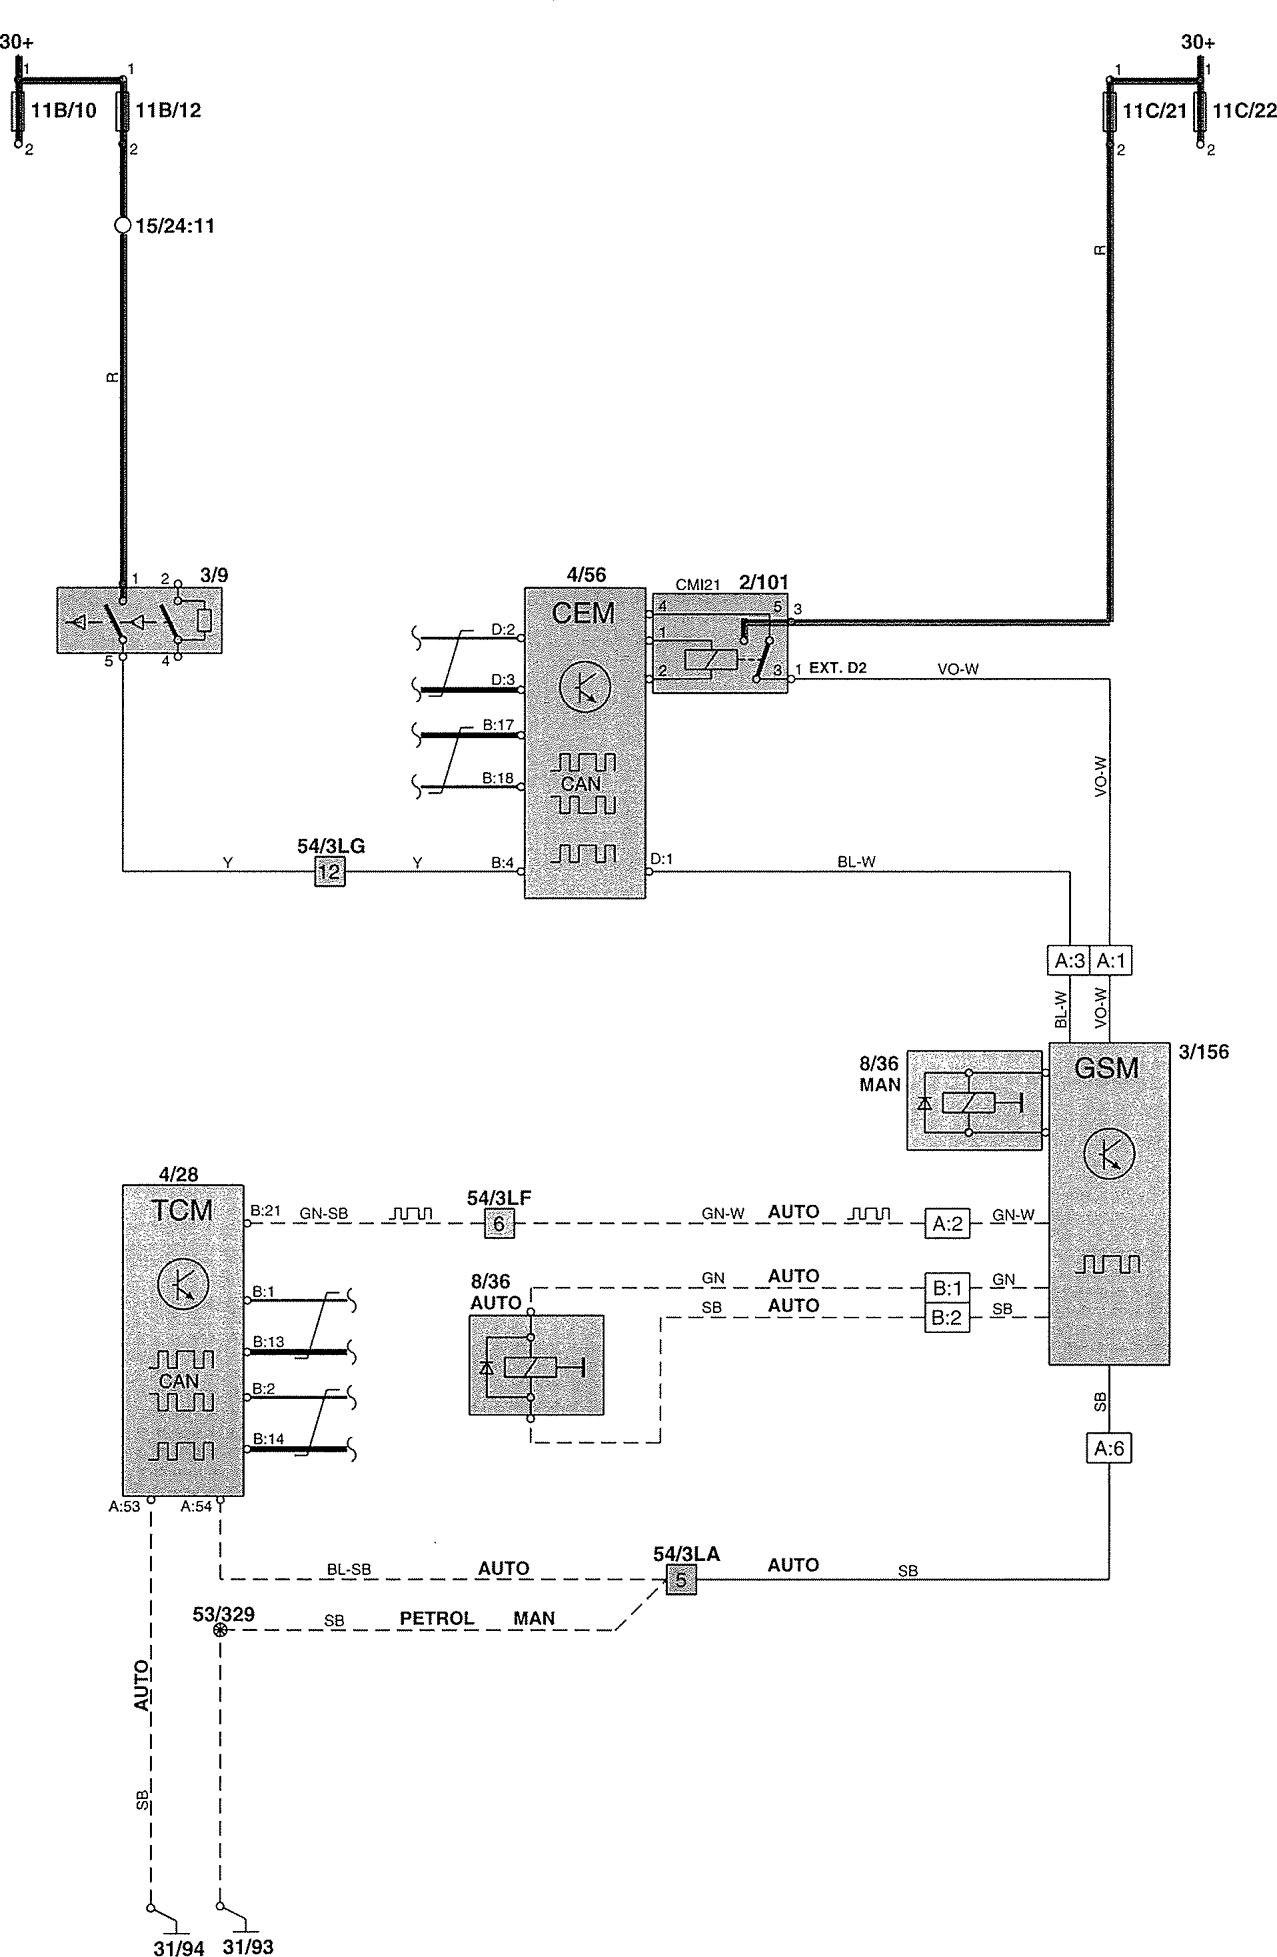 volvo v70 wiring diagram rockford fosgate p3 15 2002 diagrams shift interlock